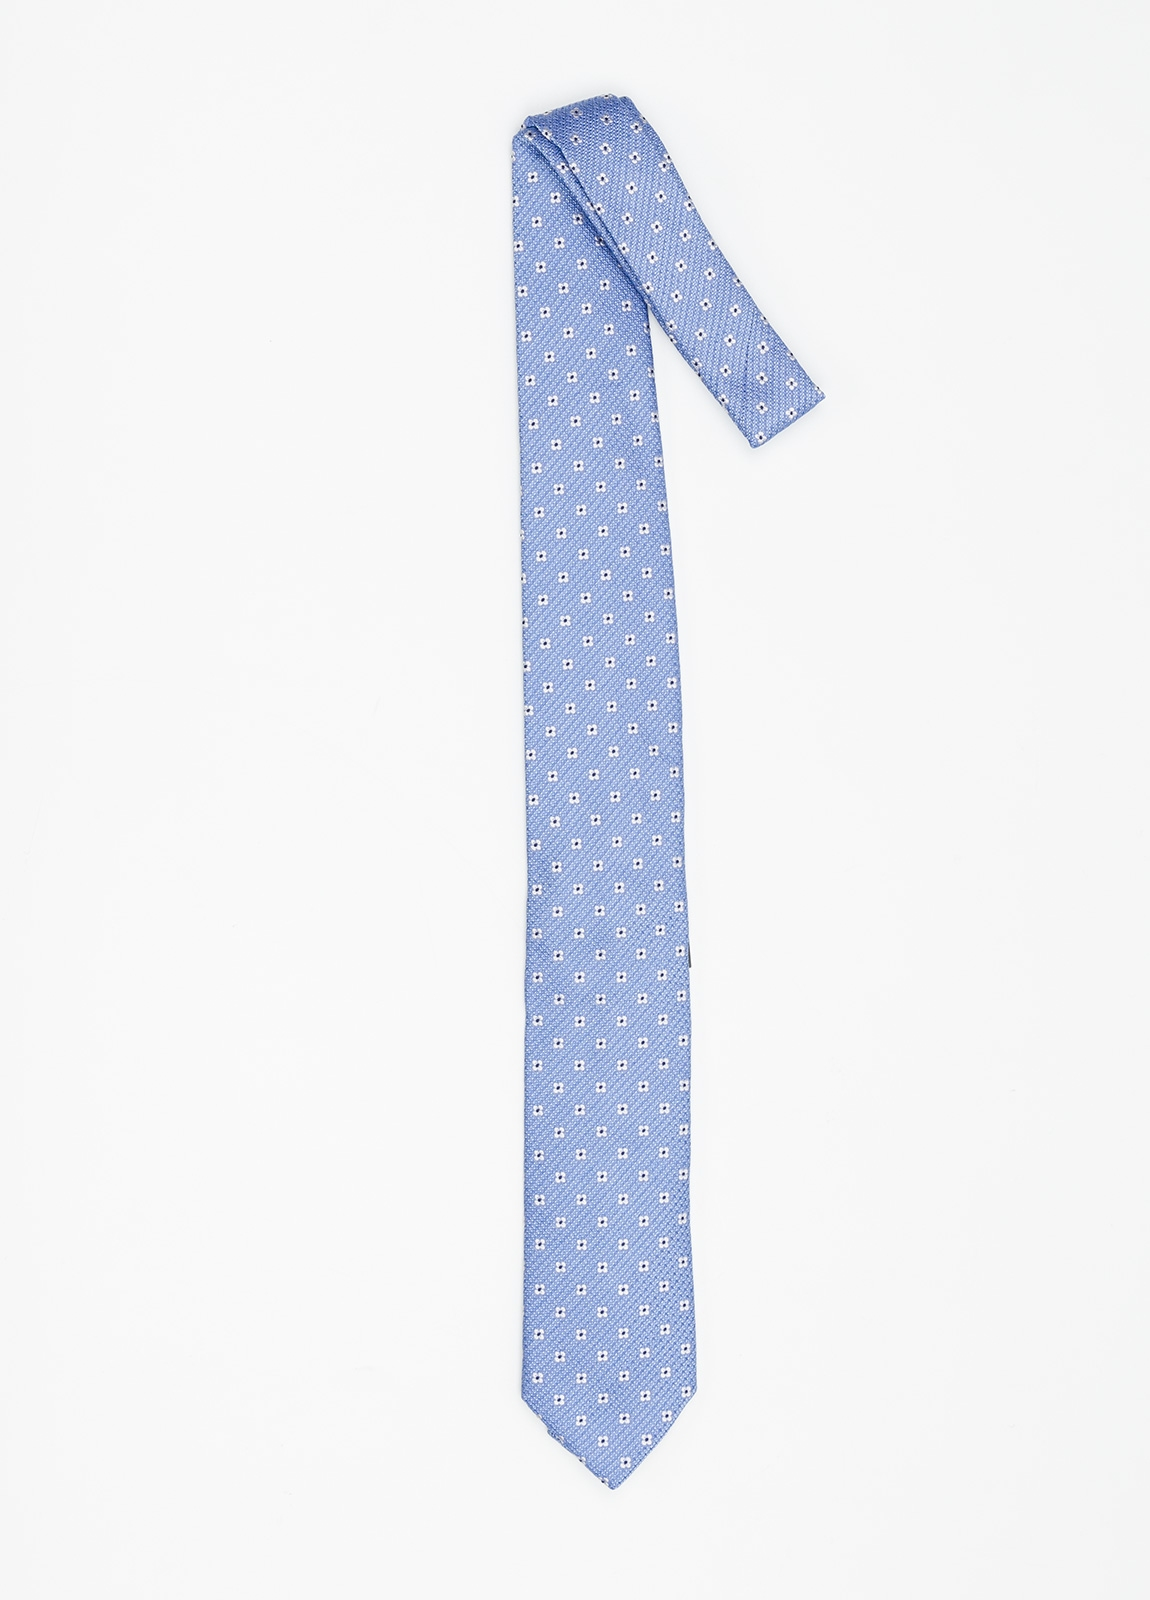 Corbata Formal Wear micro textura flor color azul celeste. Pala 7,5 cm. 100% Seda. - Ítem1